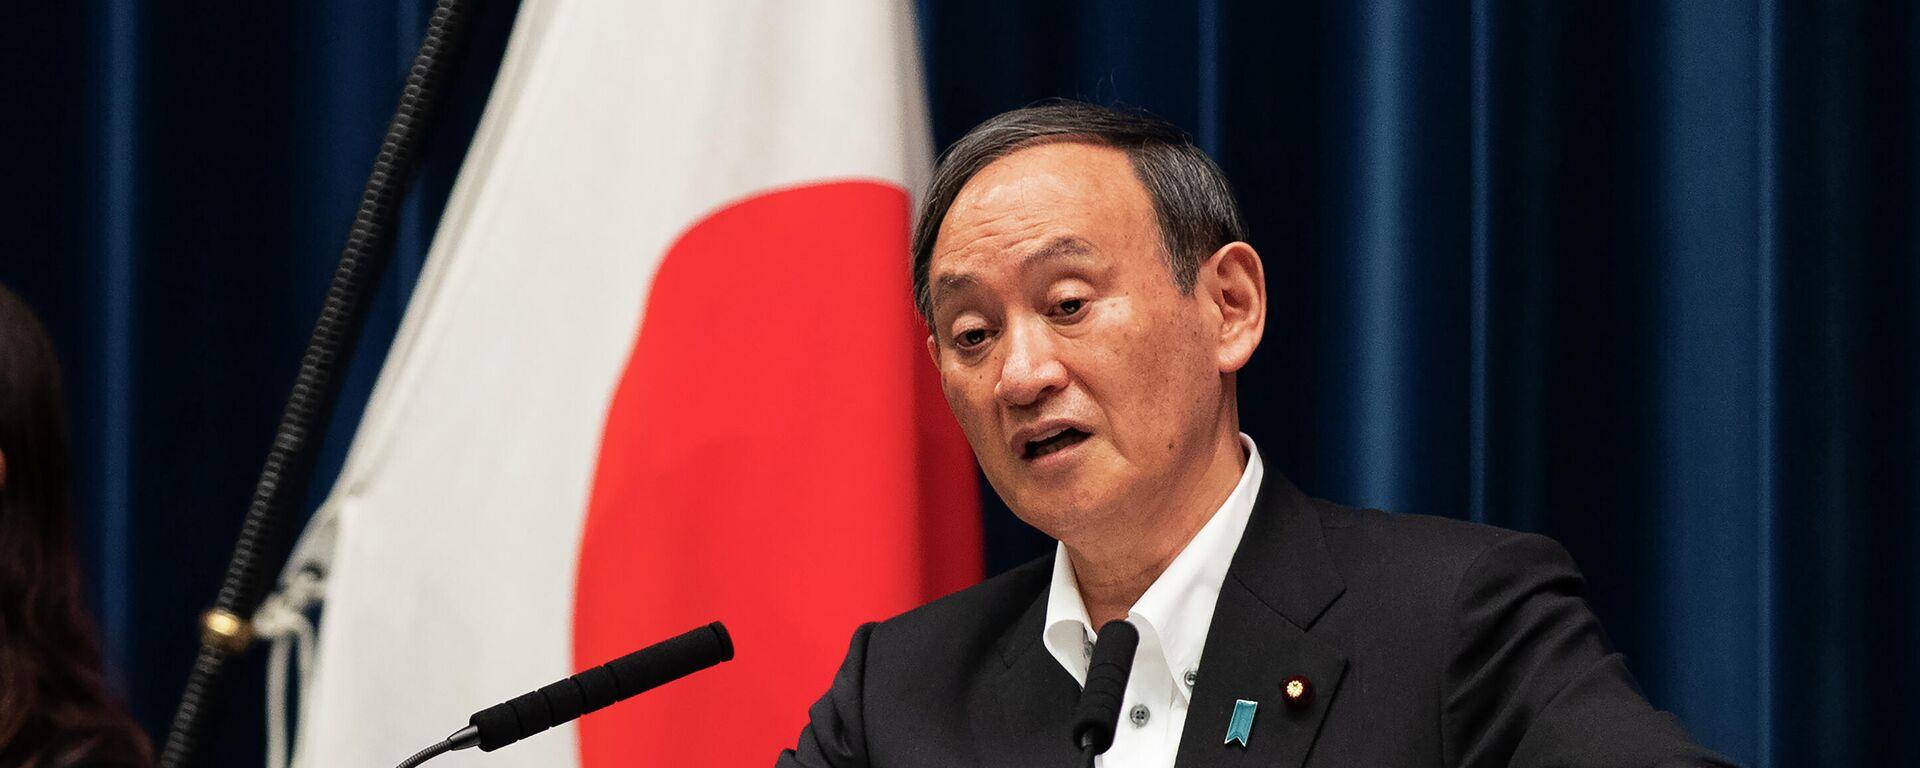 Der japanische Premierminister Yoshihide Suga bei einer Pressekonferenz am 07.05.21 - SNA, 1920, 10.05.2021